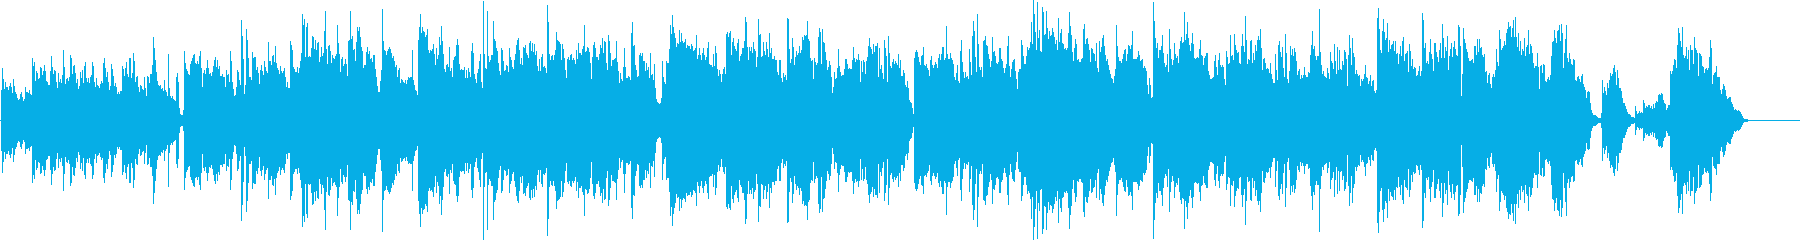 深夜のジャズガラまたはディナースターの再生済みの波形